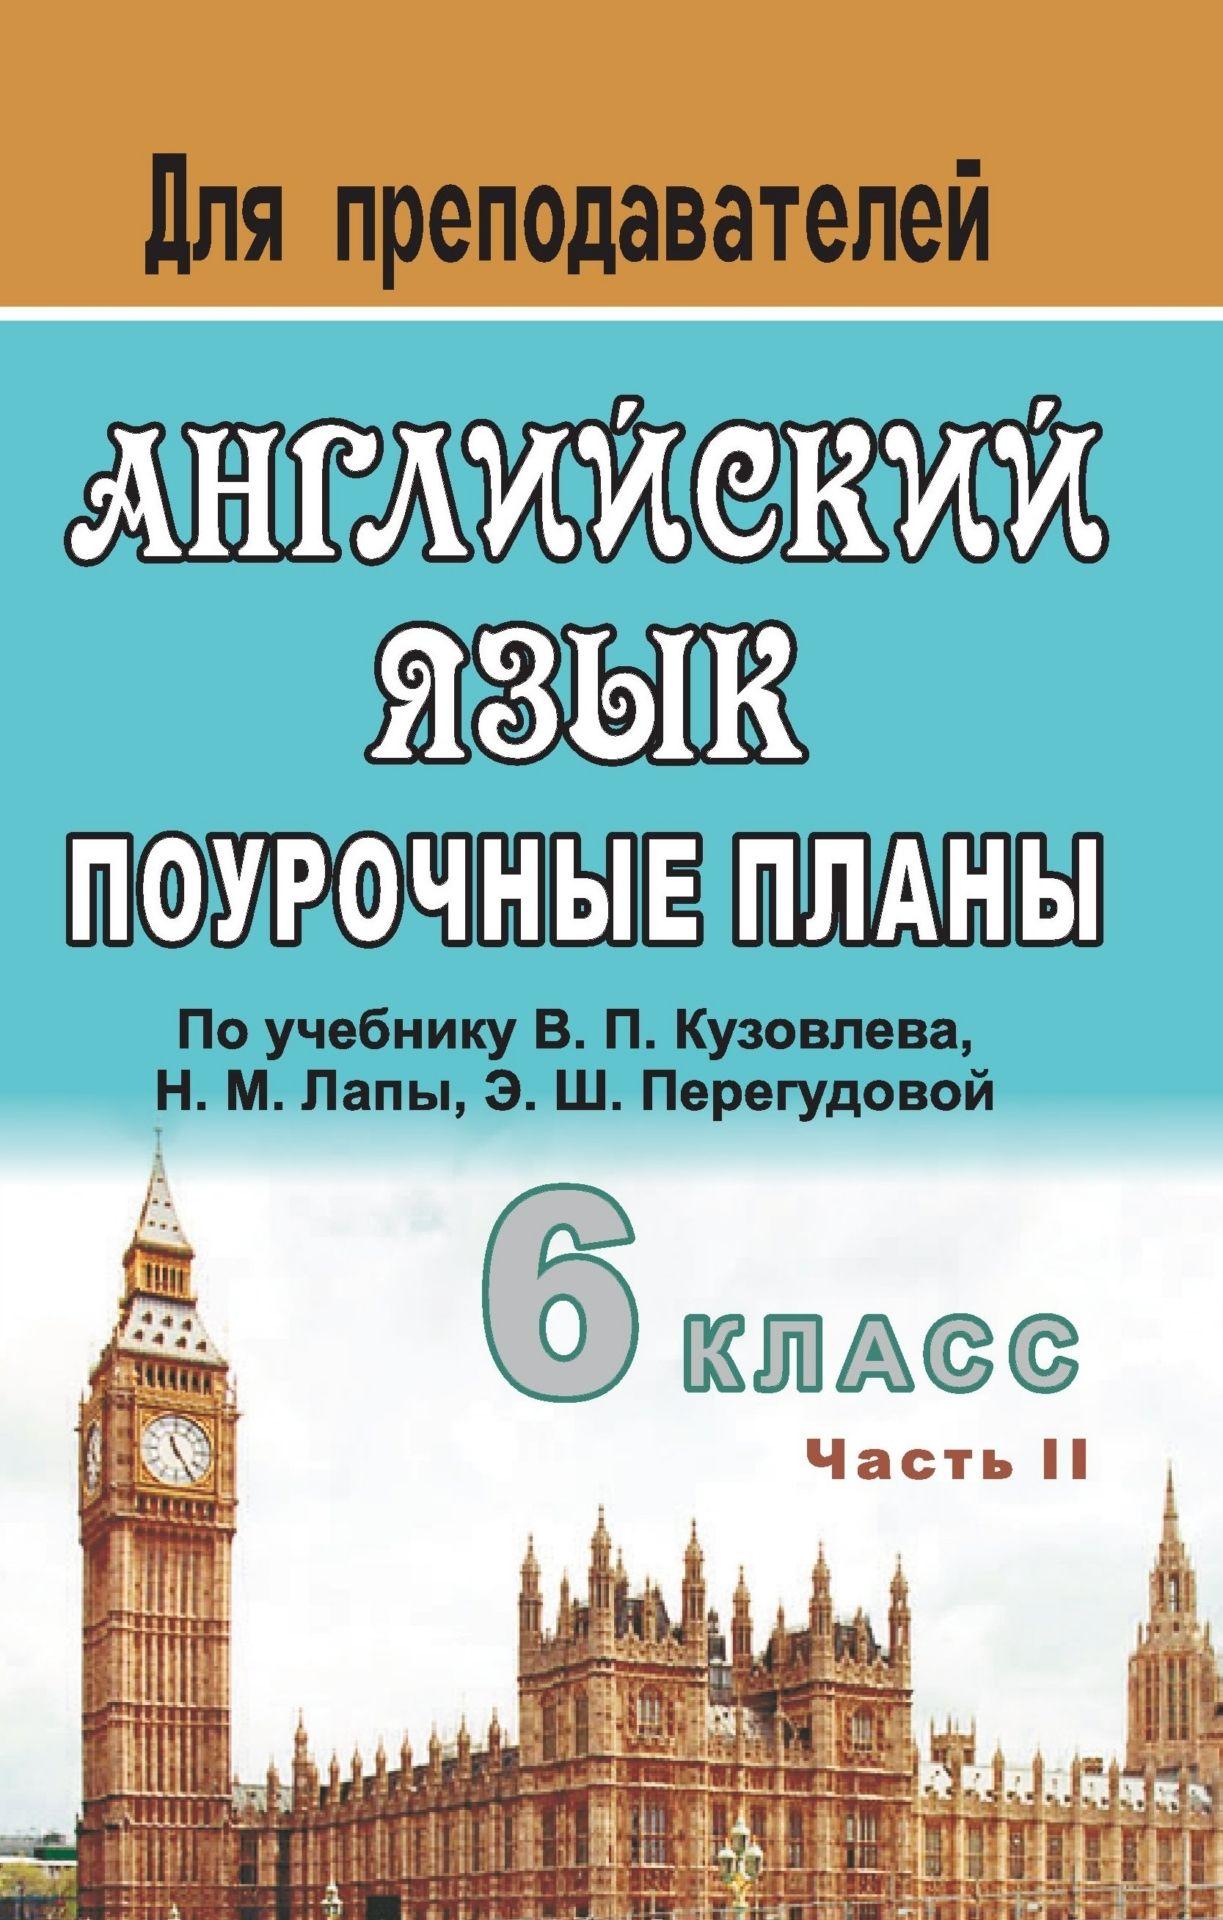 Английский язык. 6 класс: поурочные планы по учебнику В. П. Кузовлева и др. English - 6. Часть II